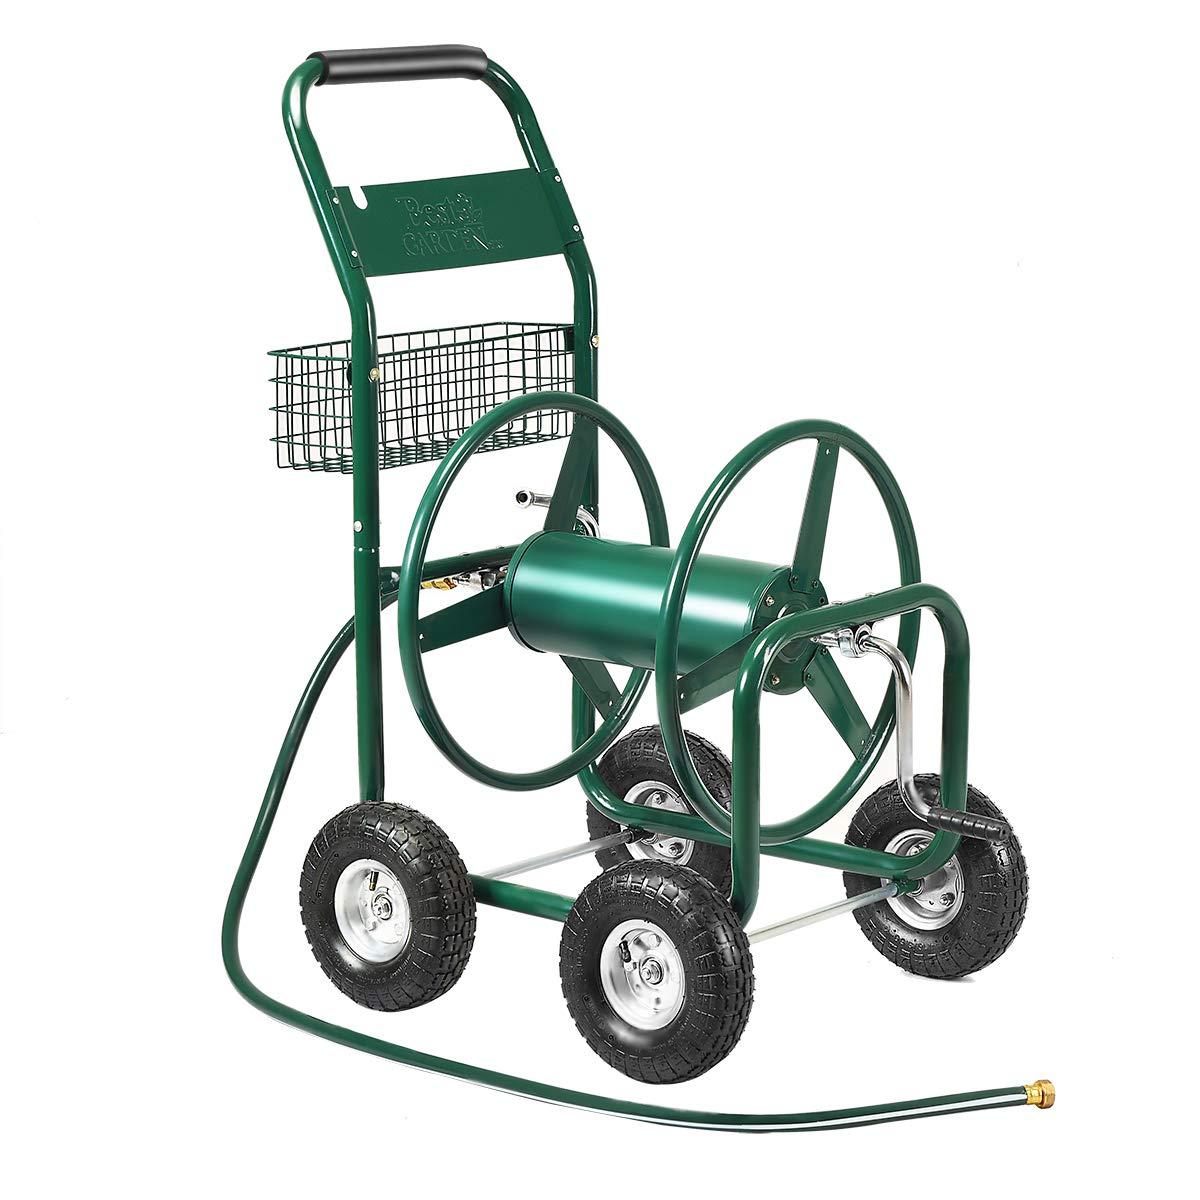 Giantex Garden Hose Reel Cart 4-Wheel Lawn Watering Outdoor Heavy Duty Yard Water Planting by Giantex